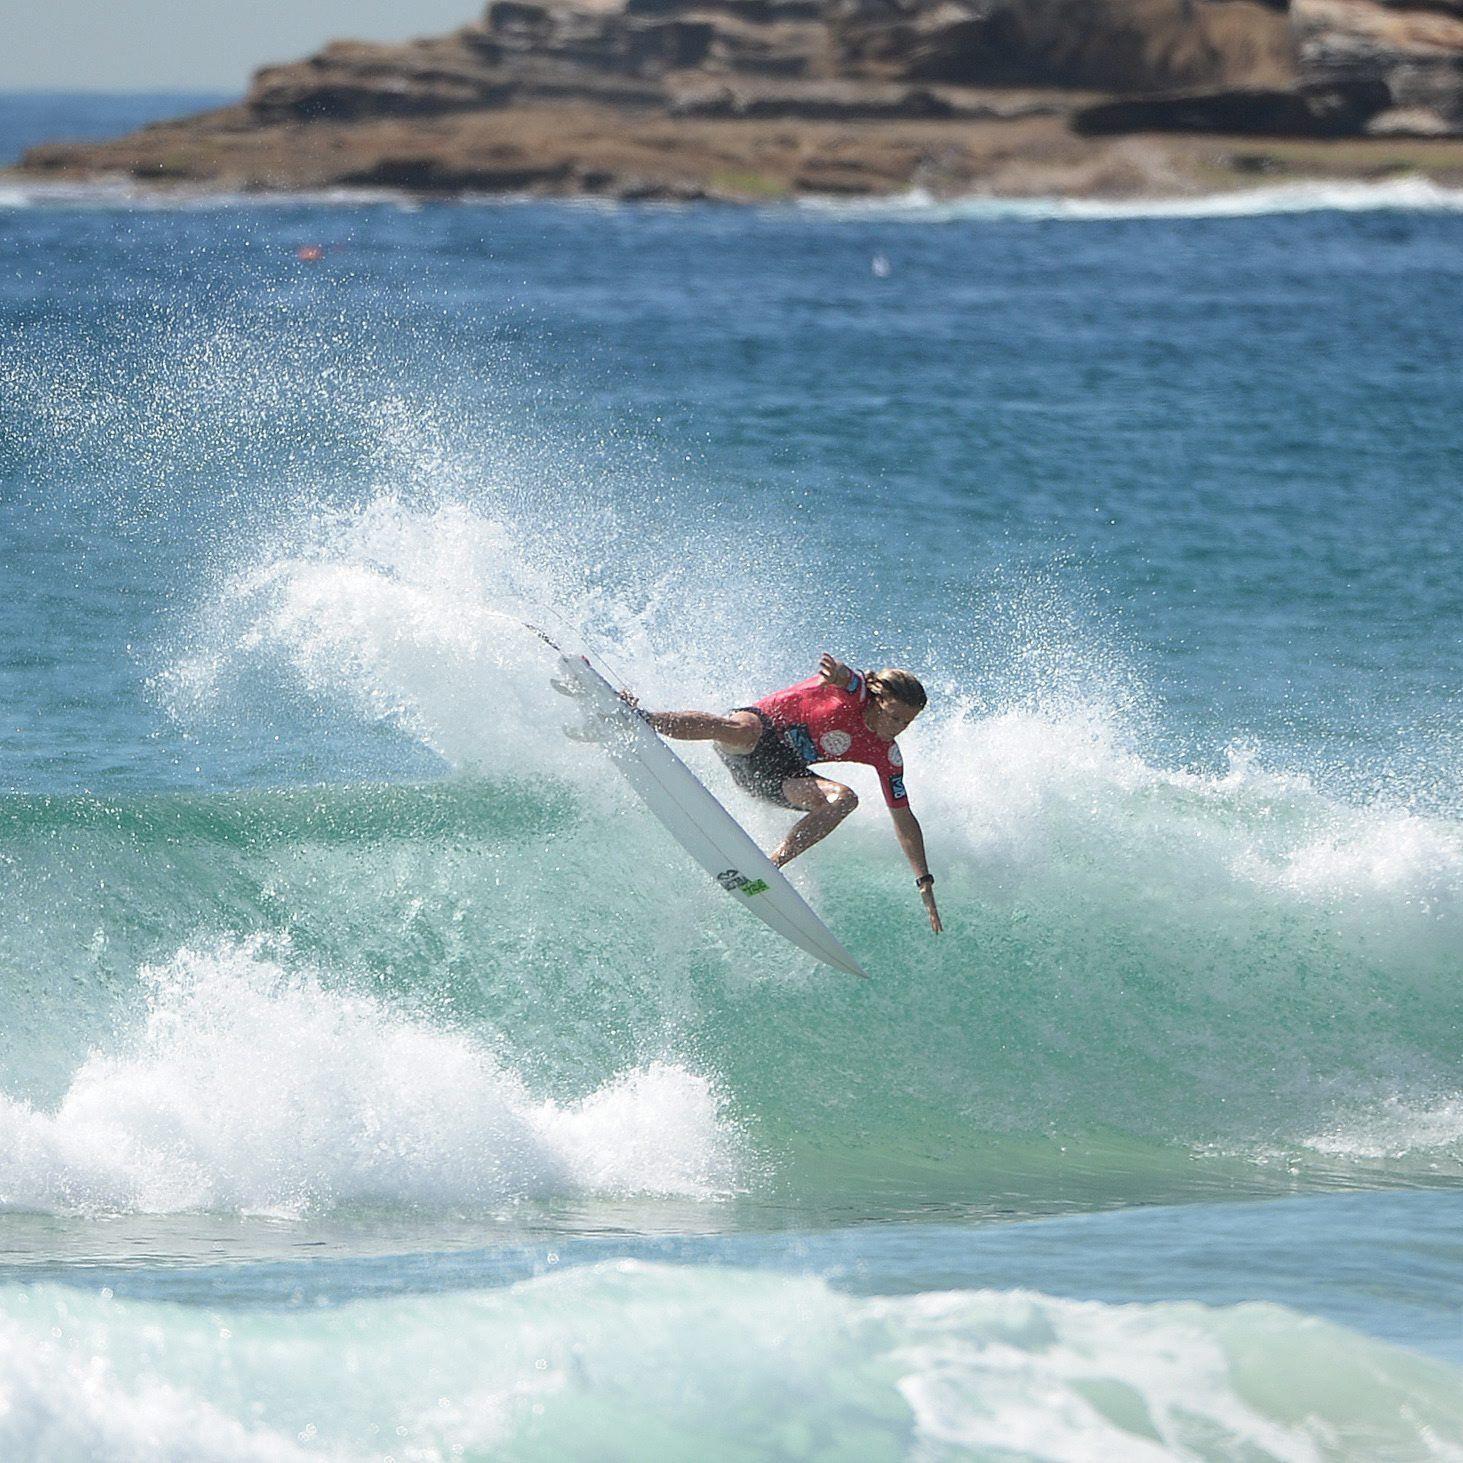 """Minister: """"Es gibt keinen einfachen Weg, um das Risiko für Schwimmer und Surfer zu verringern"""""""